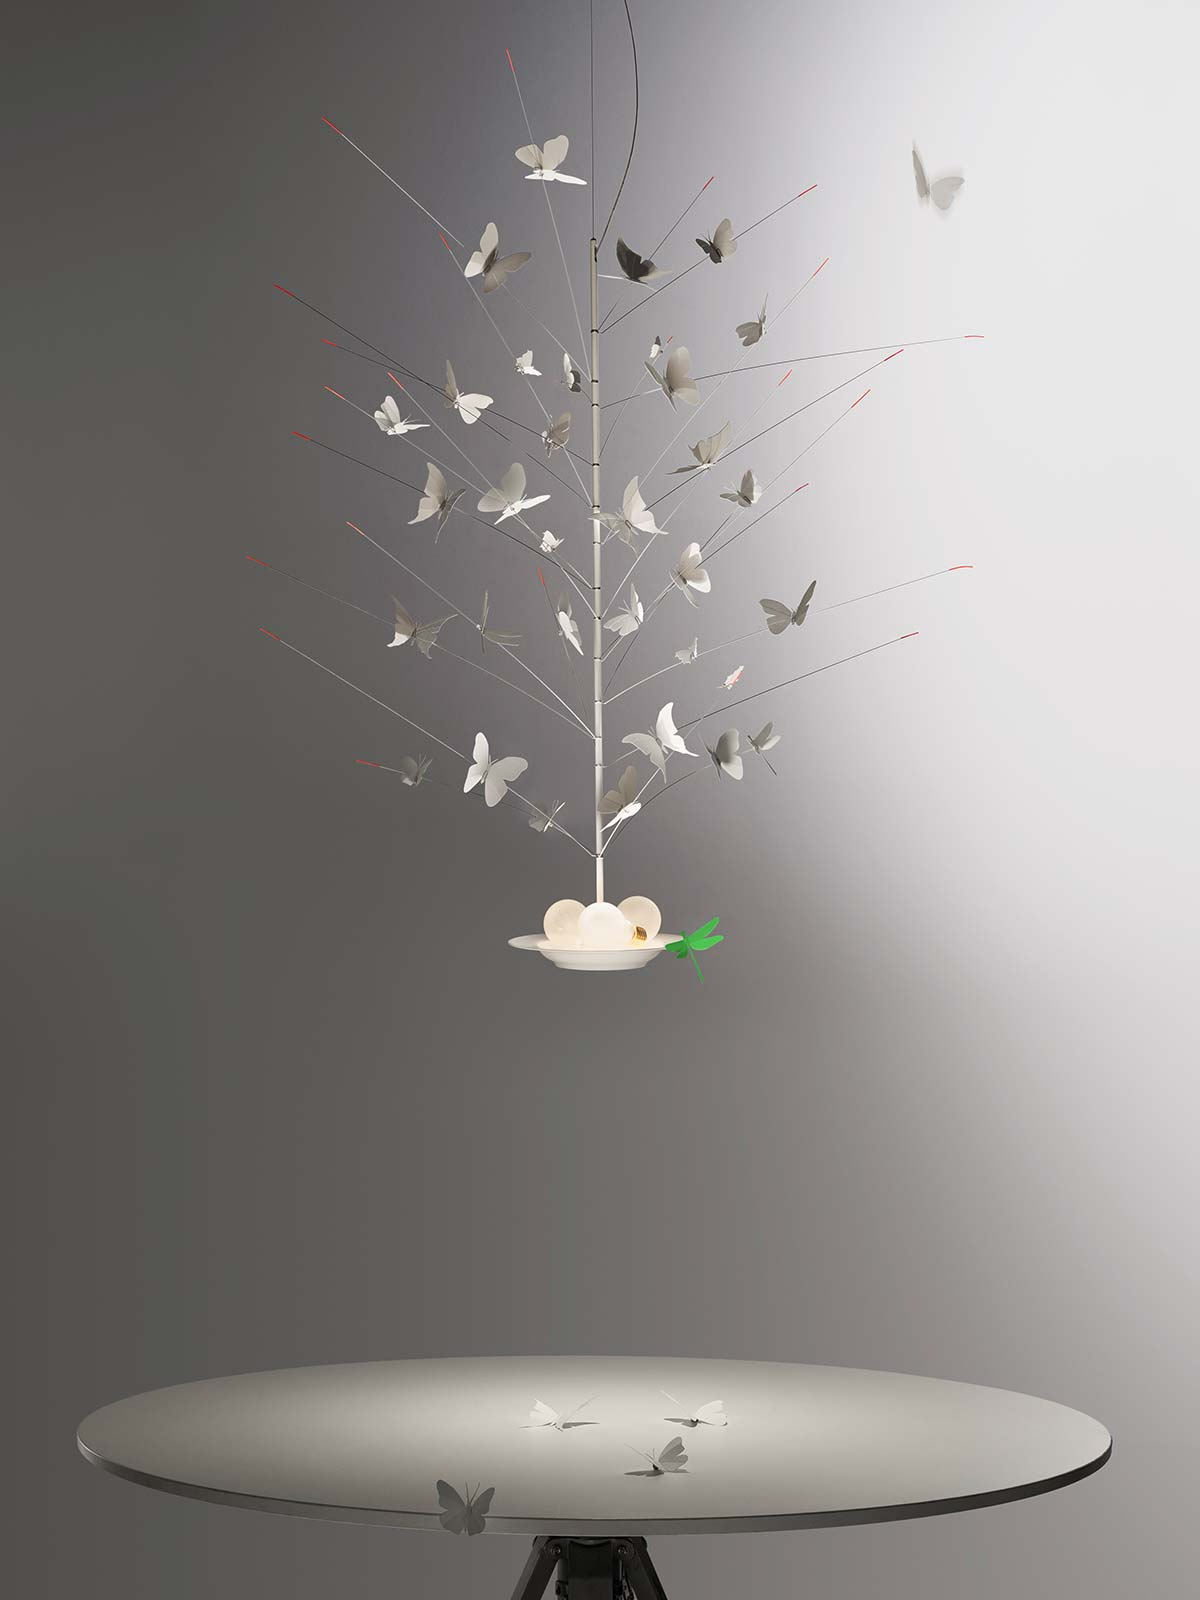 La festa delle farfalle by Ingo Mauer